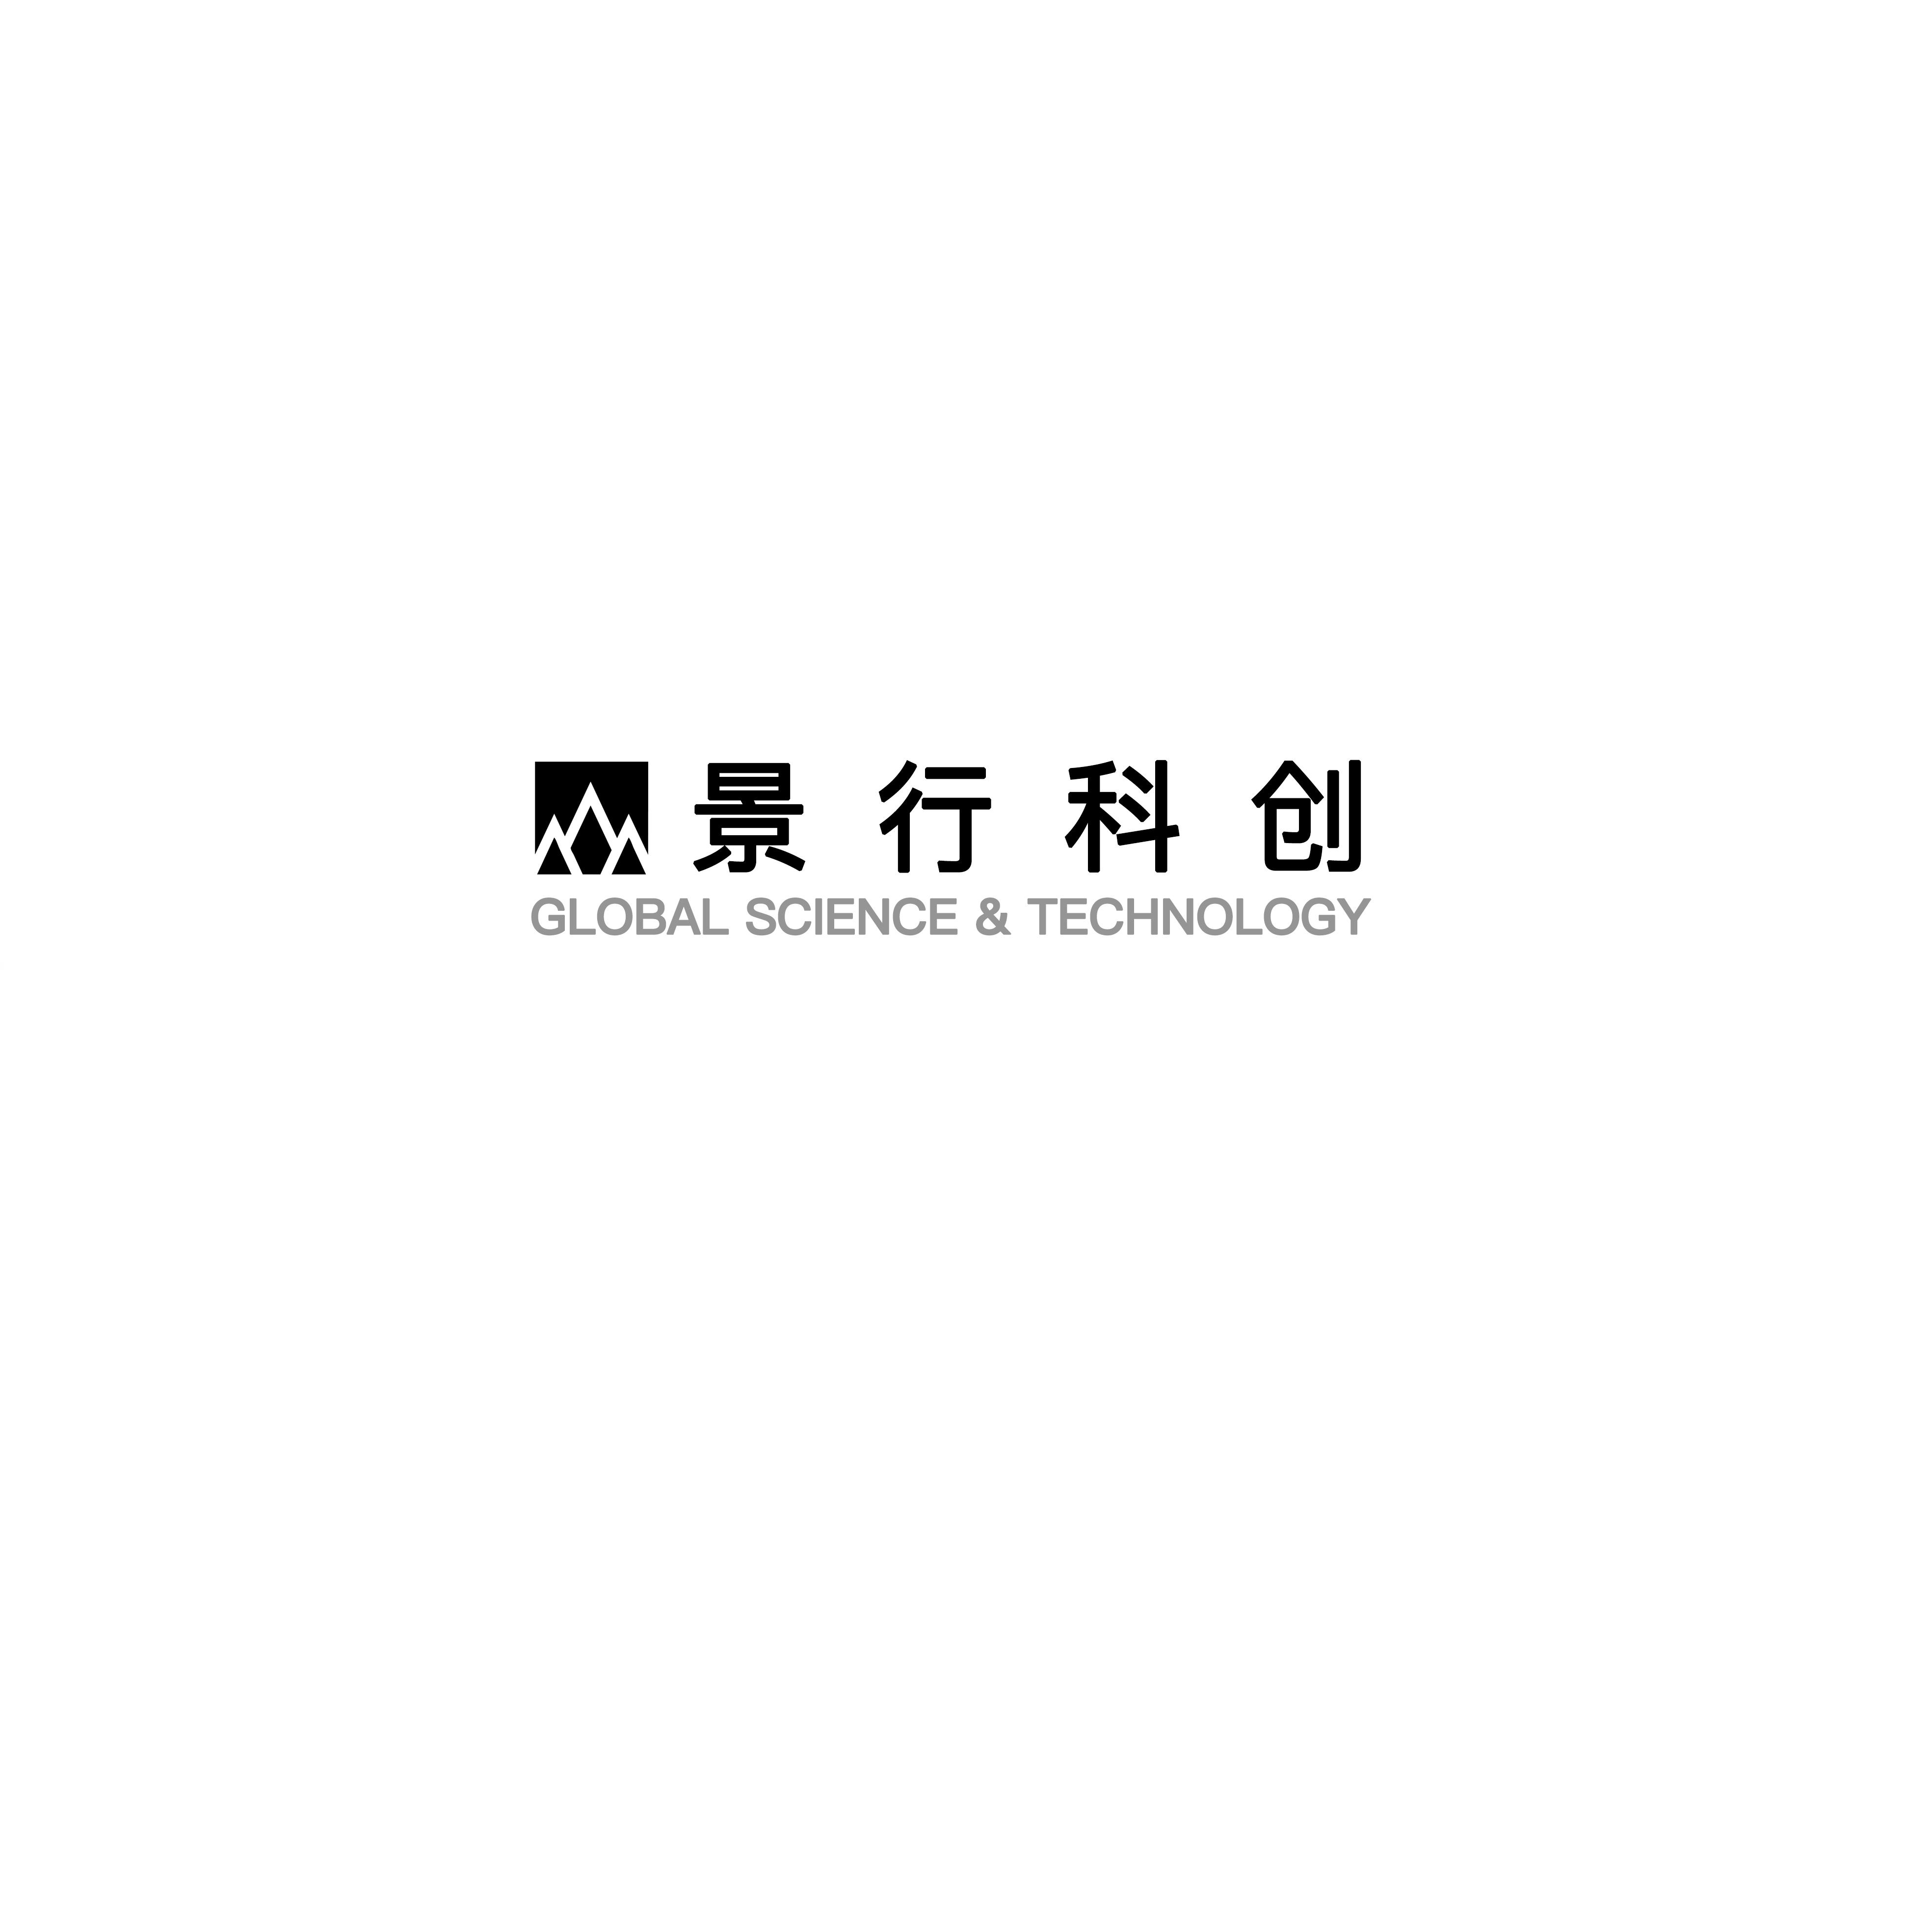 杭州景行科创网络有限公司